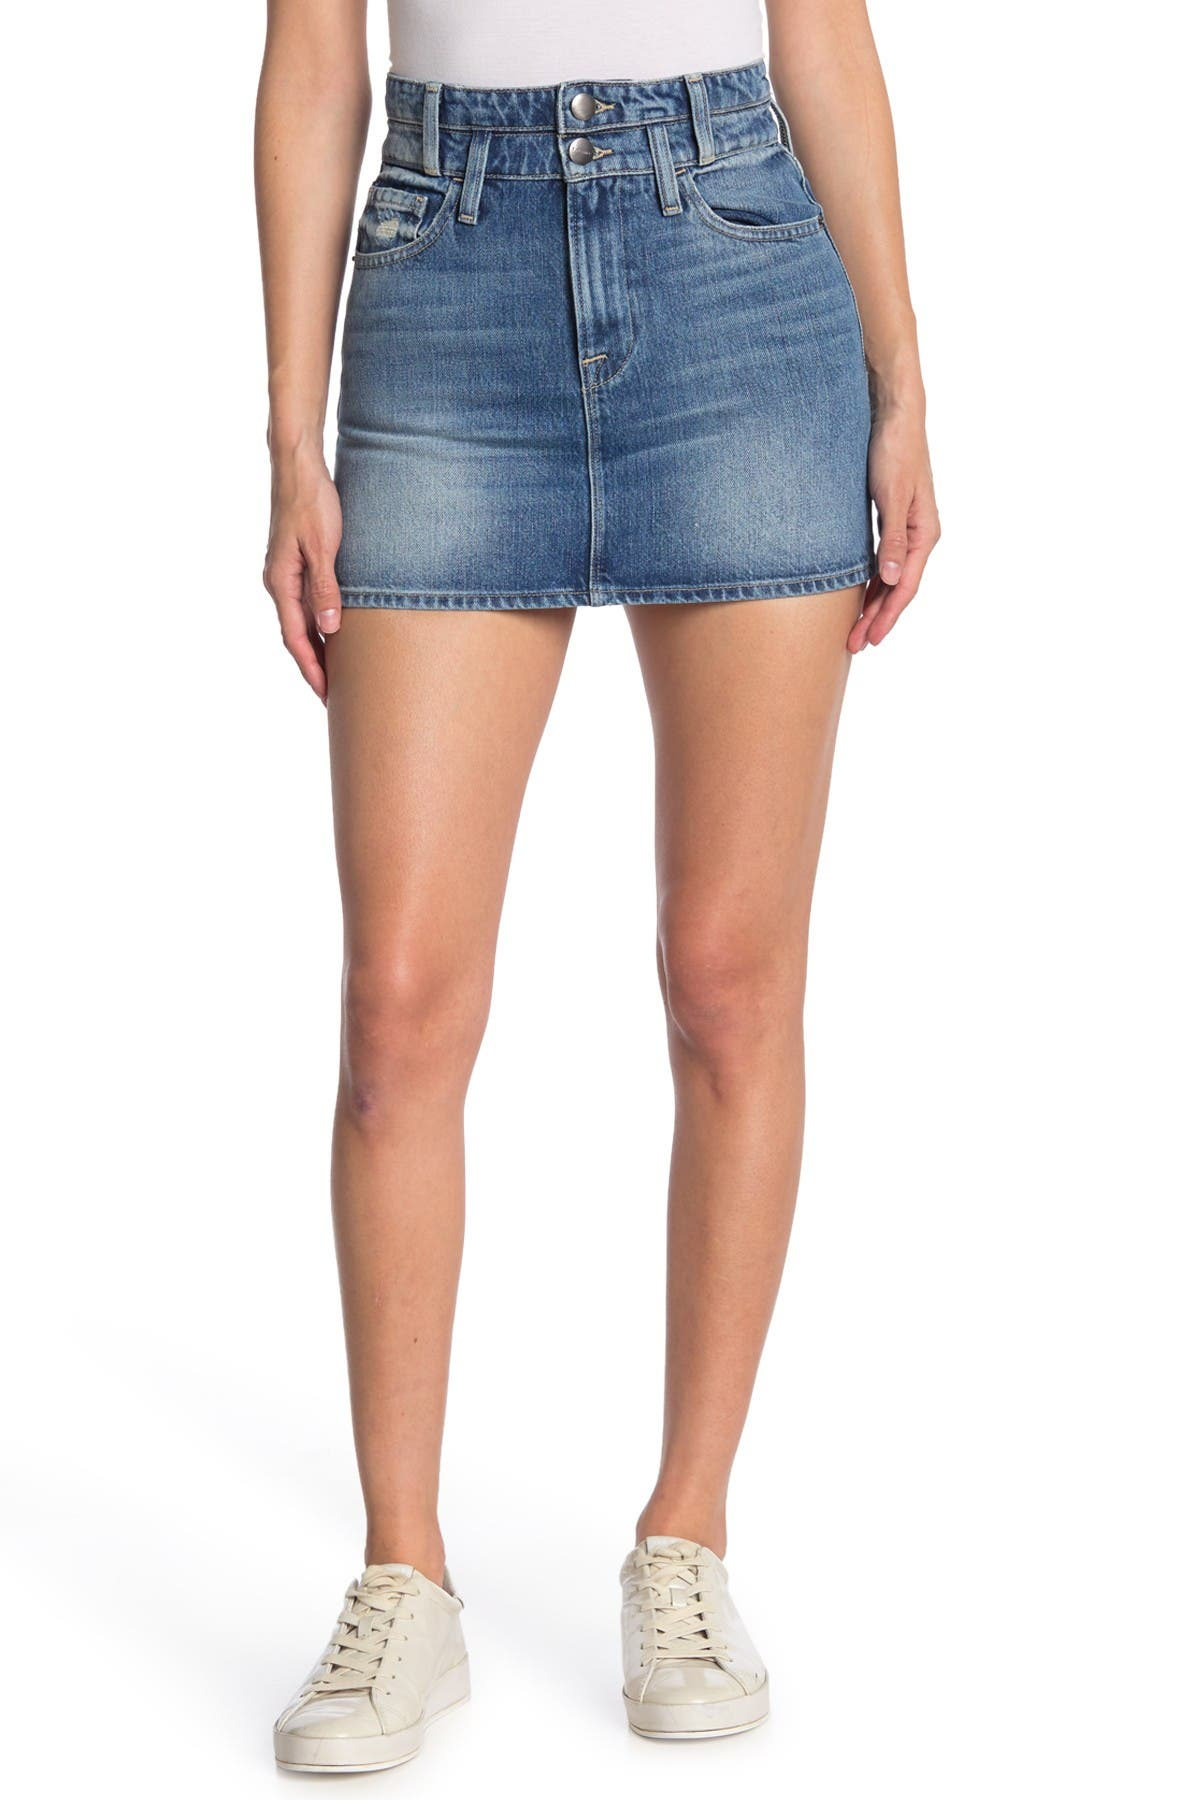 Image of FRAME Double Waistband Denim Mini Skirt